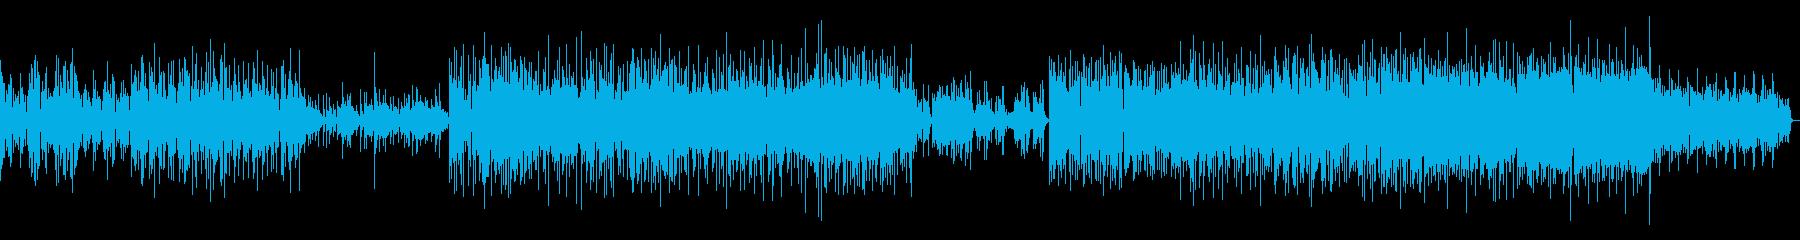 電気研究所テクノロジー-ハイテクテ...の再生済みの波形